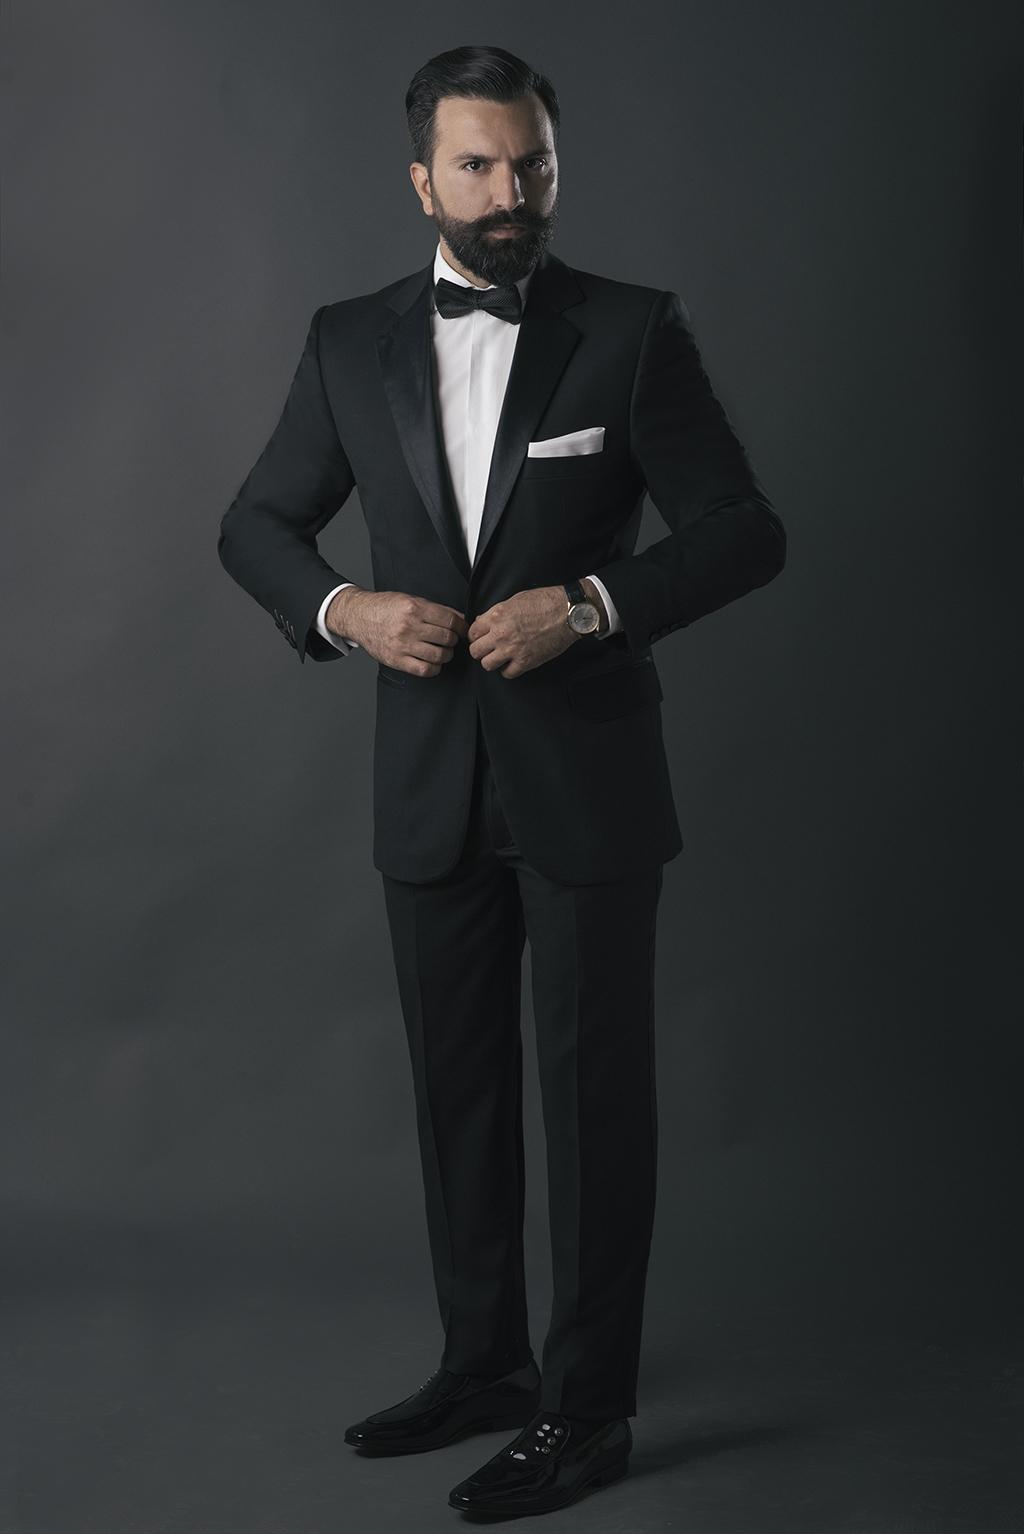 groom_suit-2